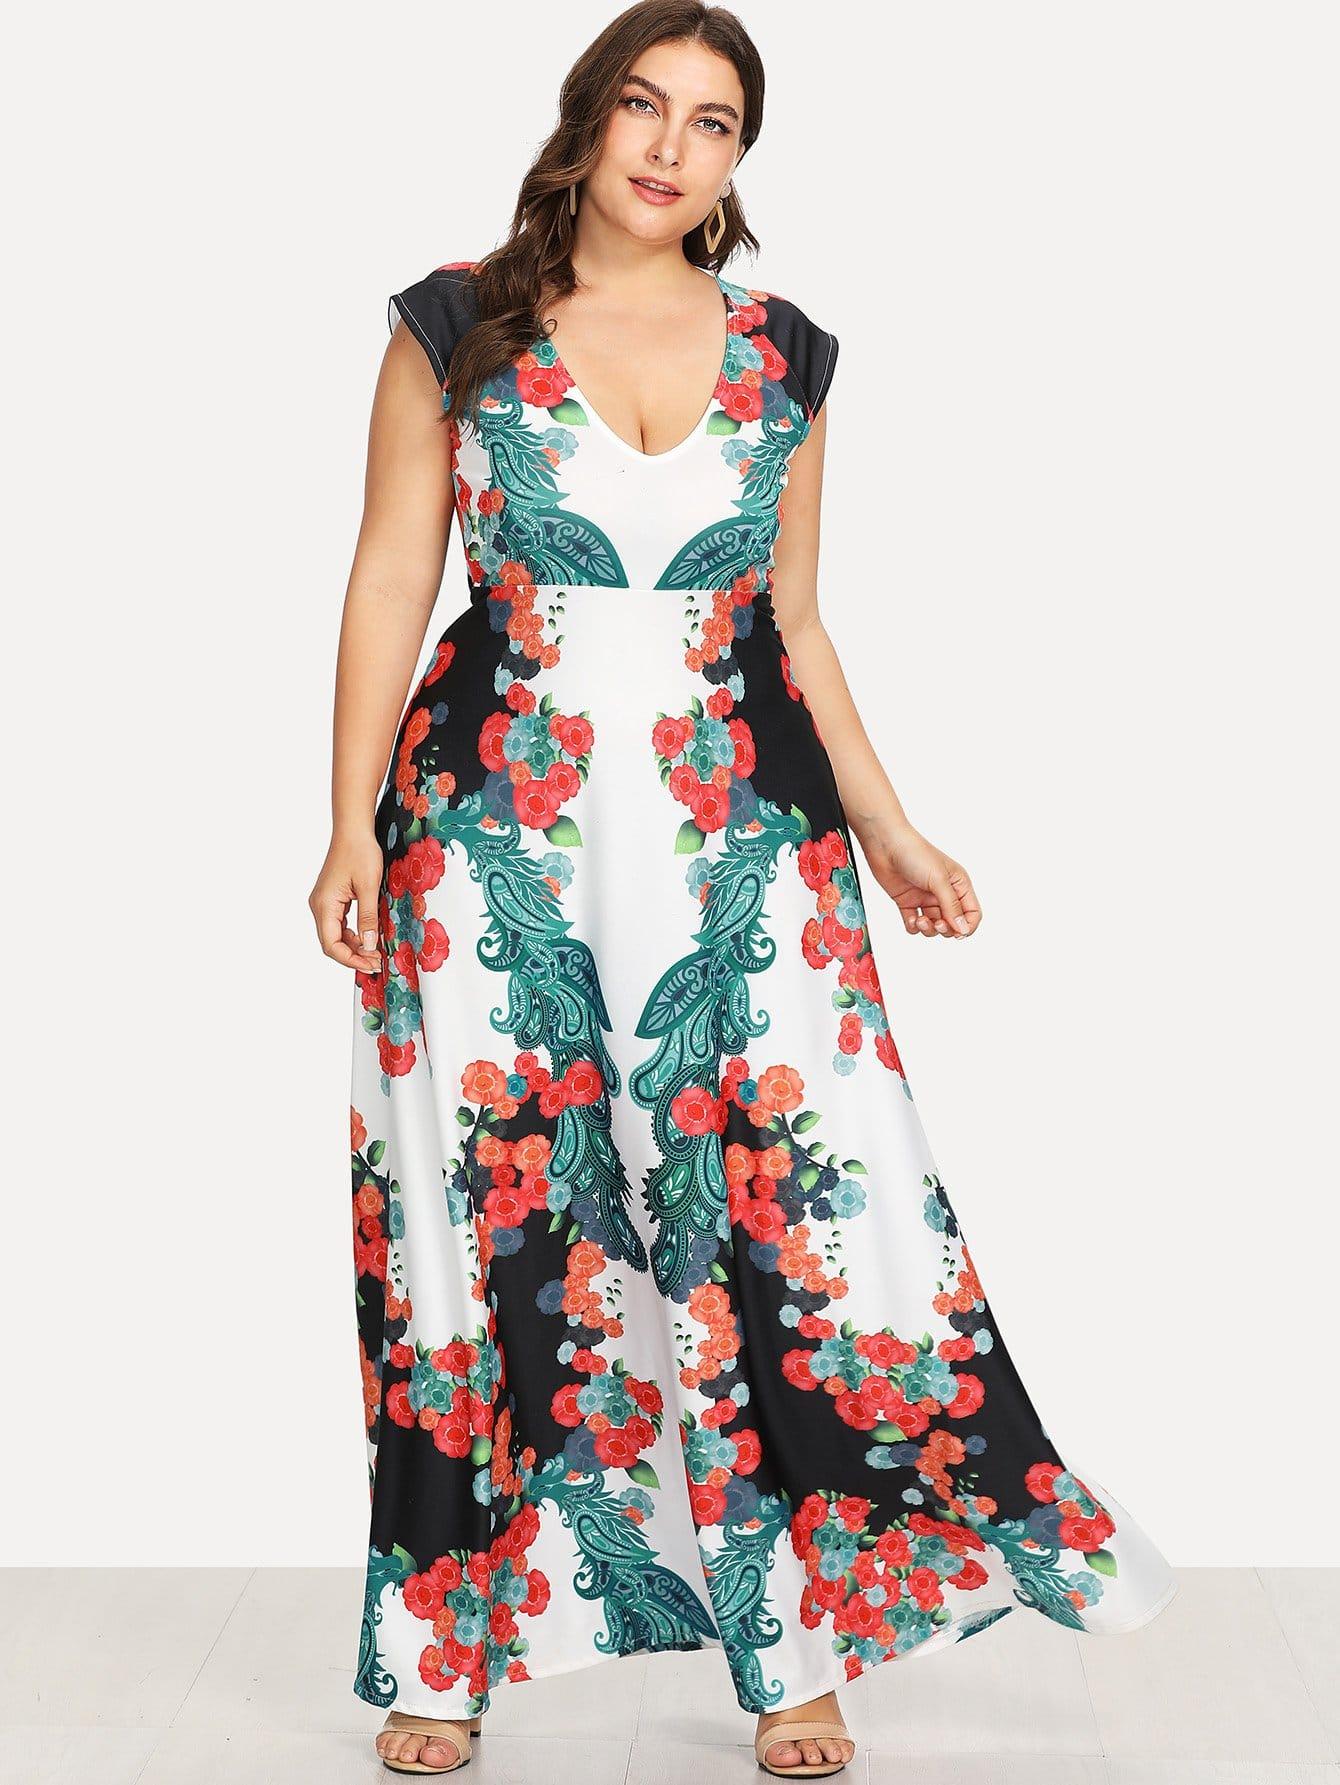 Plus Tied Neck Mixed Print Fishtail Dress square neck fishtail dress